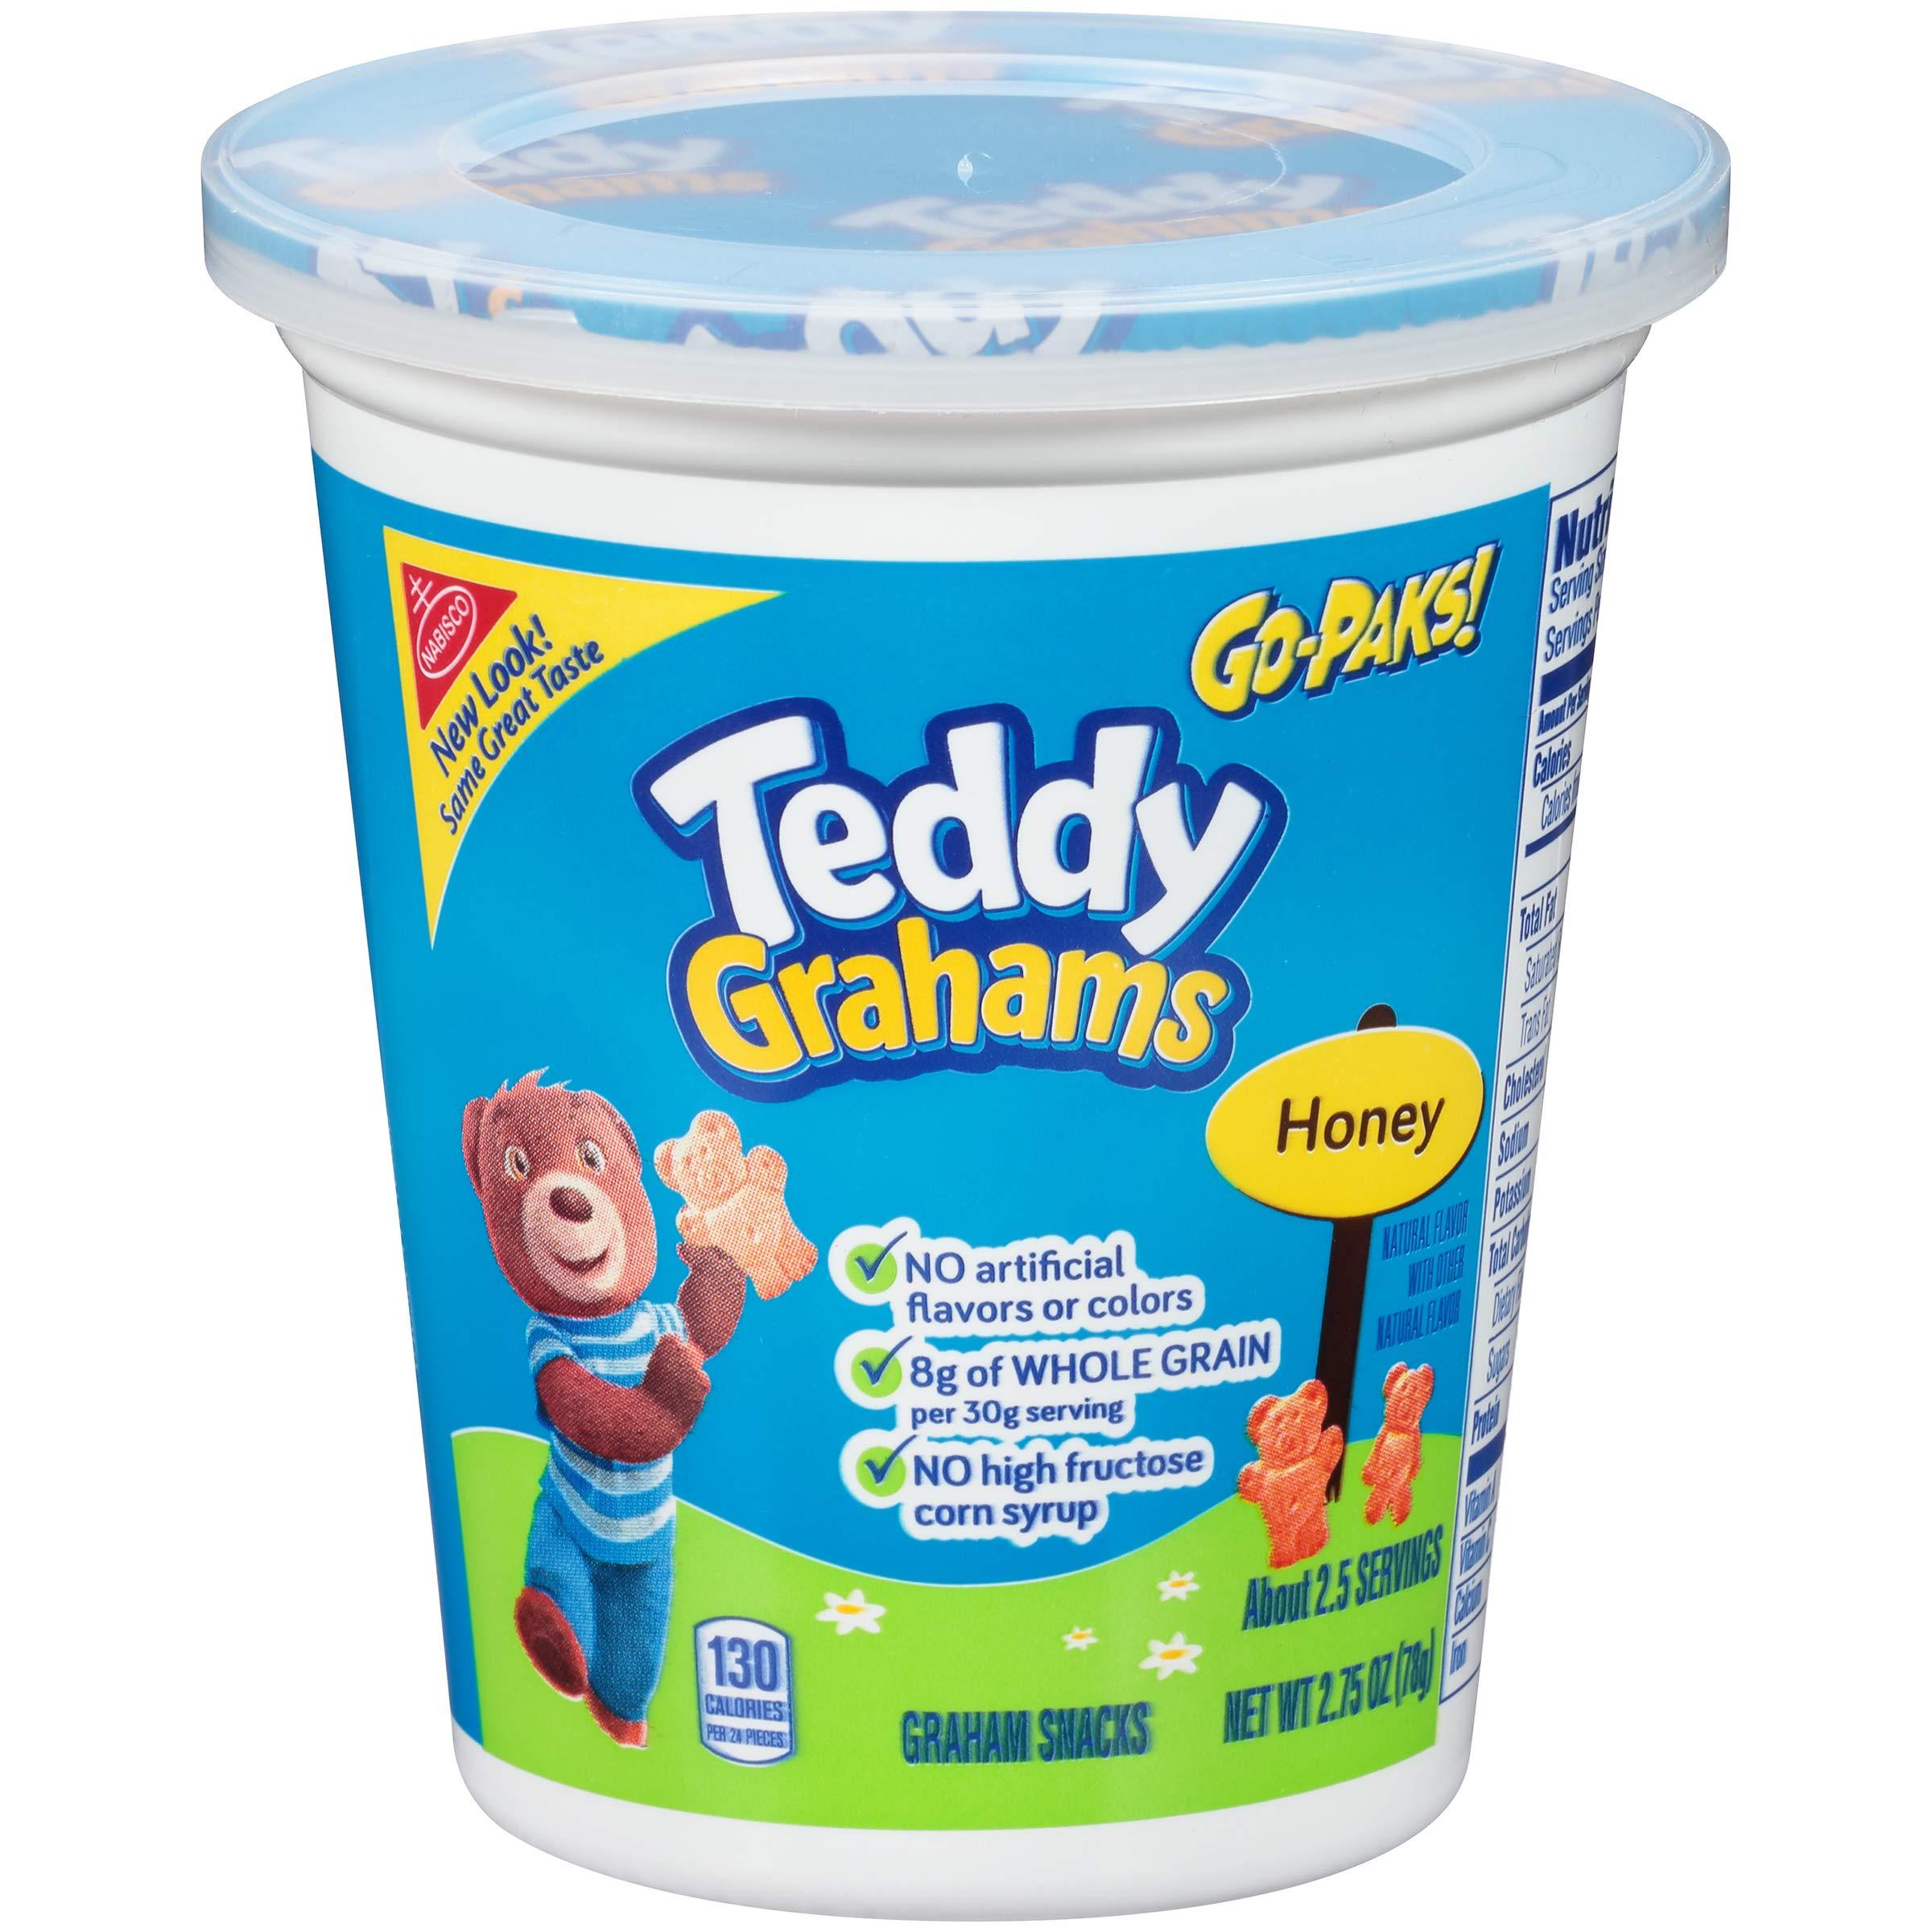 Teddy Grahams Honey Graham Snacks, Go-Pack, 2.75 Ounce (Pack of 12)